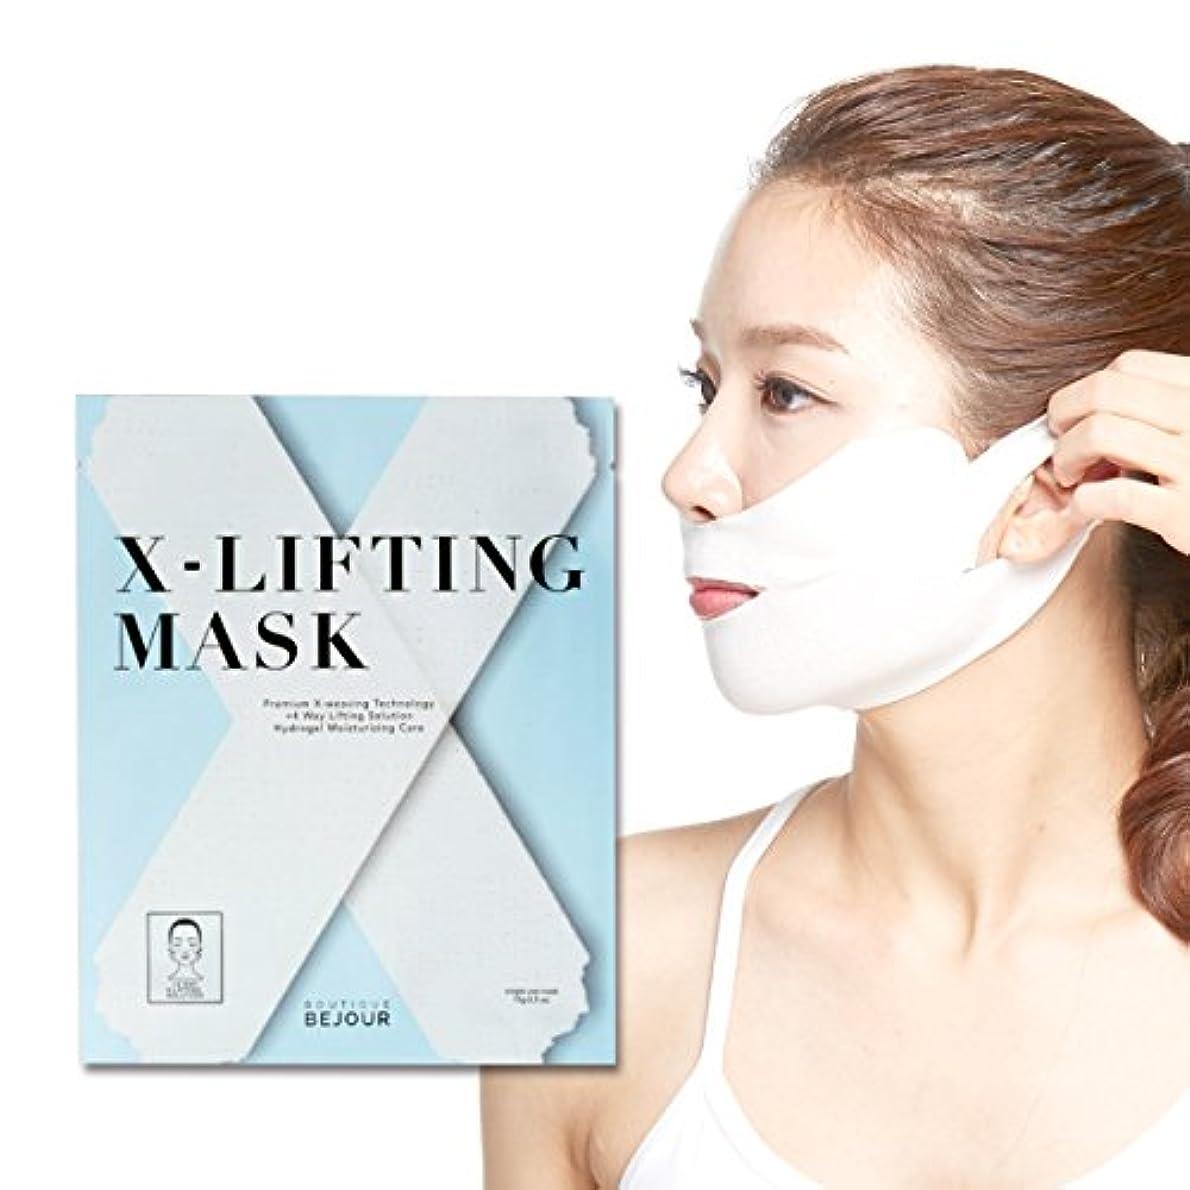 にんじん敬意を表するリーチ< ビジュール > X-Lifting (エックスリフティング) マスク [ リフトアップ フェイスマスク フェイスシート フェイスパック フェイシャルマスク シートマスク フェイシャルシート フェイシャルパック ローションマスク ローションパック 顔パック ]